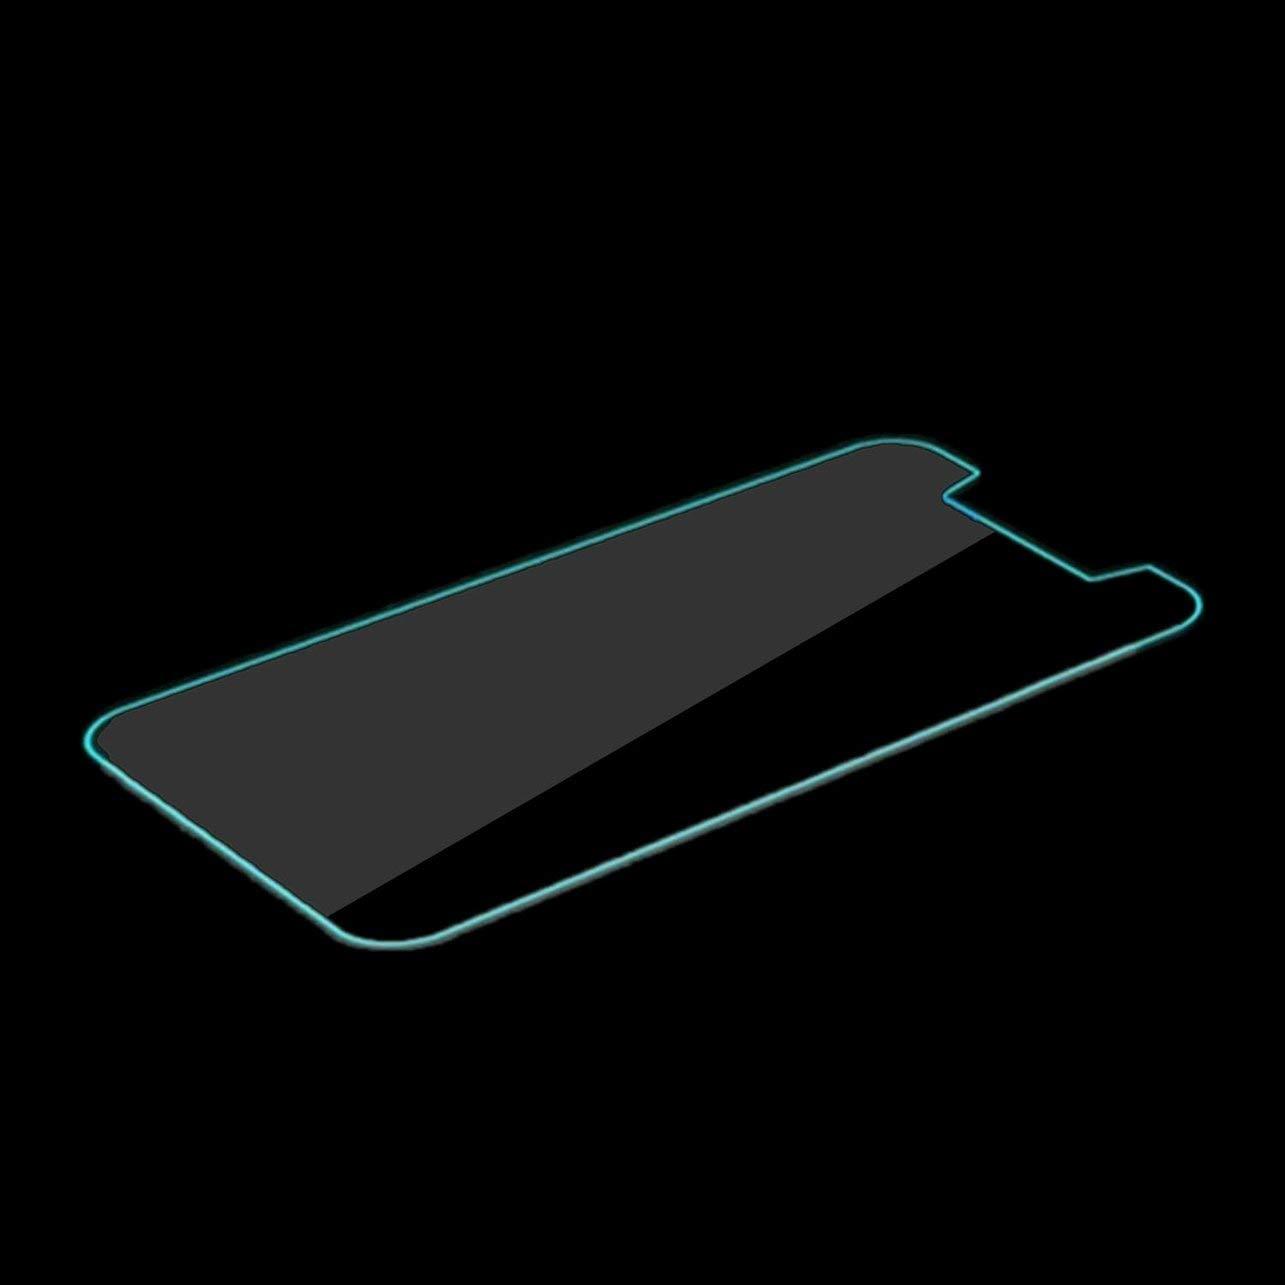 Heaviesk Film en Acier Universel de 4,5 Pouces pour Les t/él/éphones Mobiles Protecteur d/écran Ultra Mince avec Film Universel pour t/él/éphone Mobile